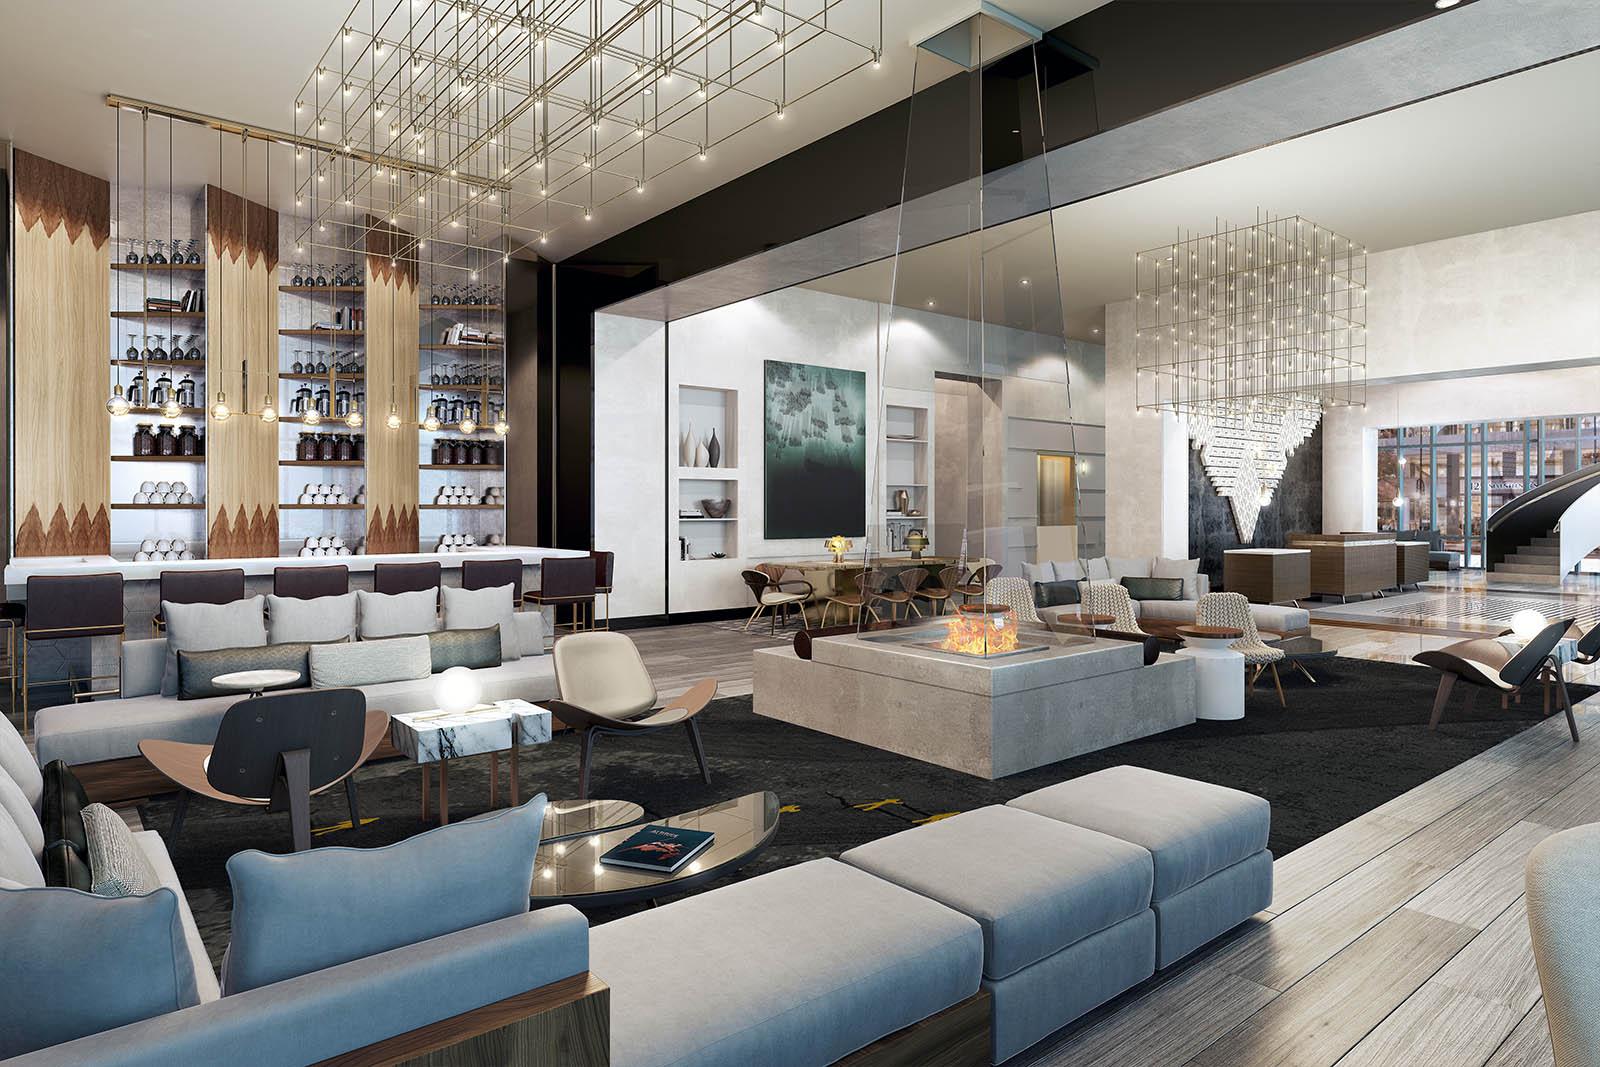 LM | AC Hotel Denver